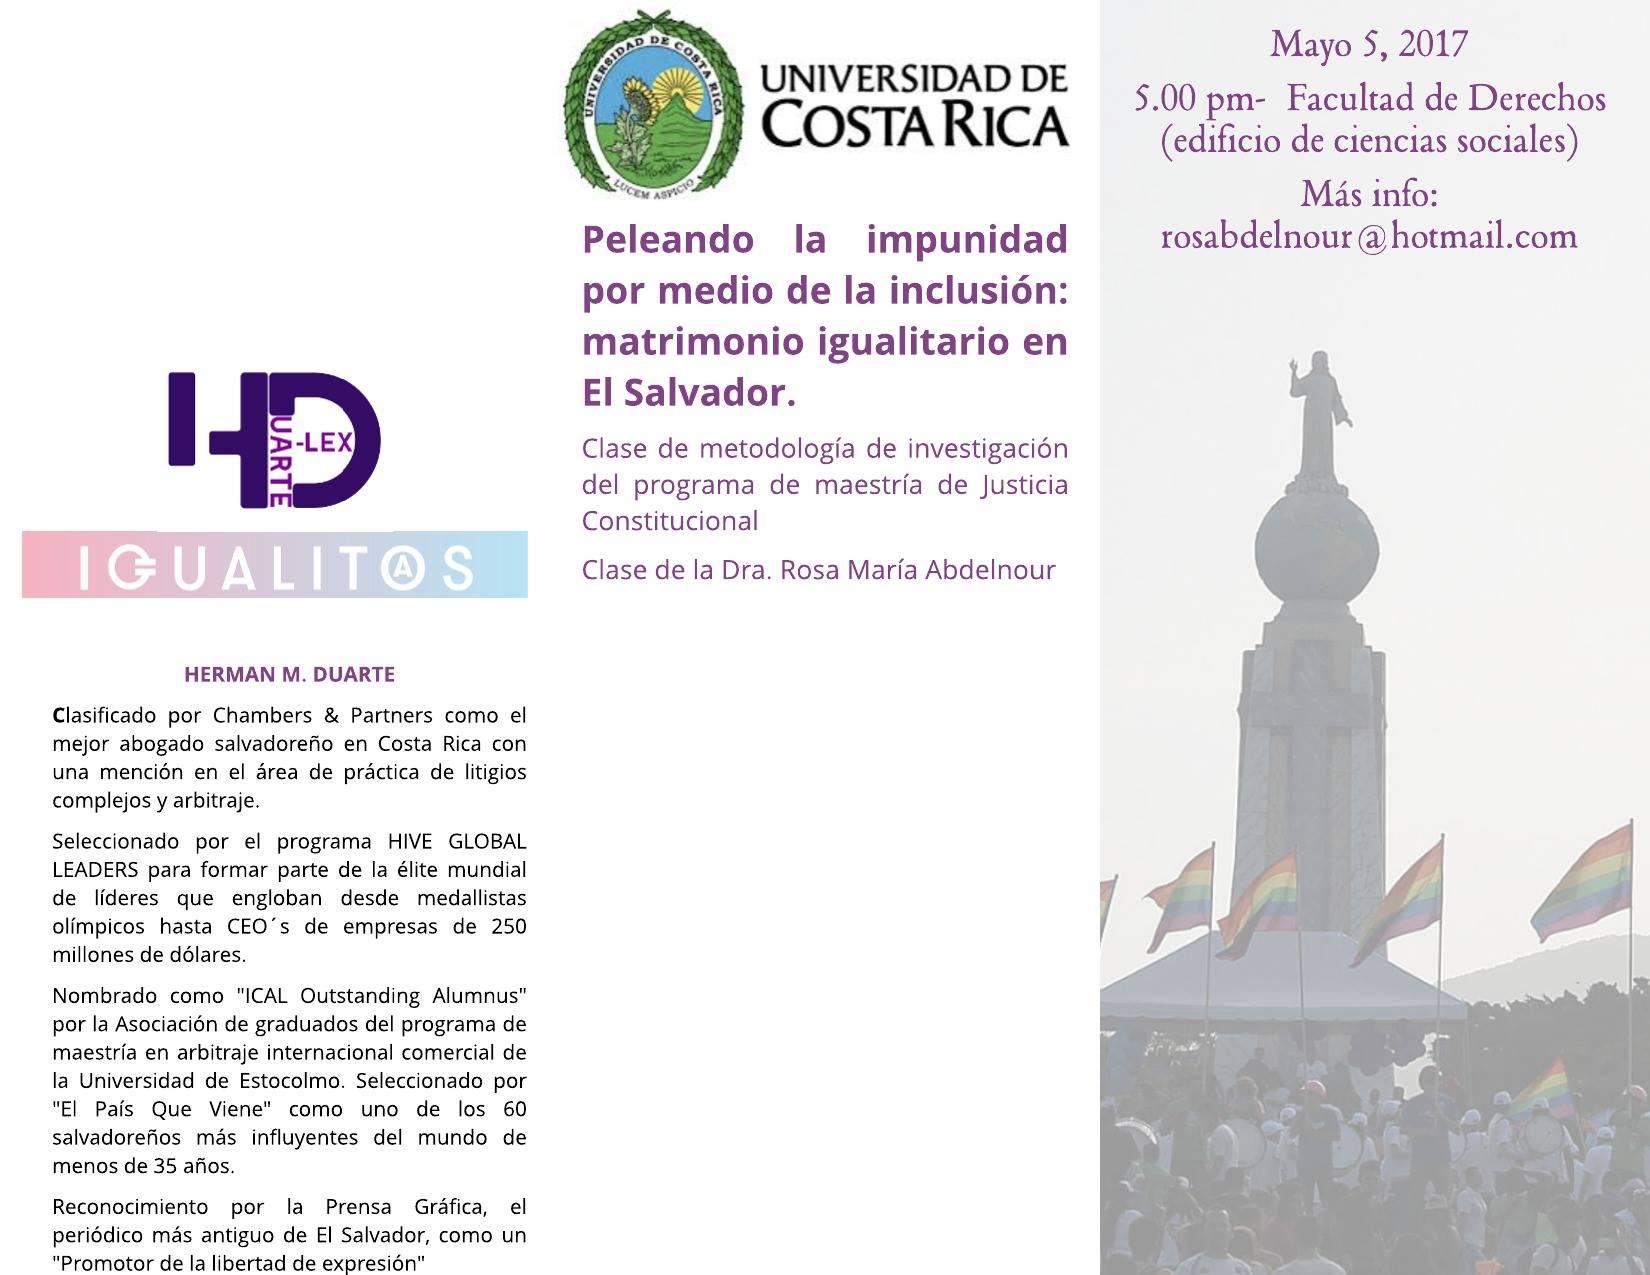 Herman-Duarte-Universidad-de-Costa-Rica-Matrimonio-Igualitario